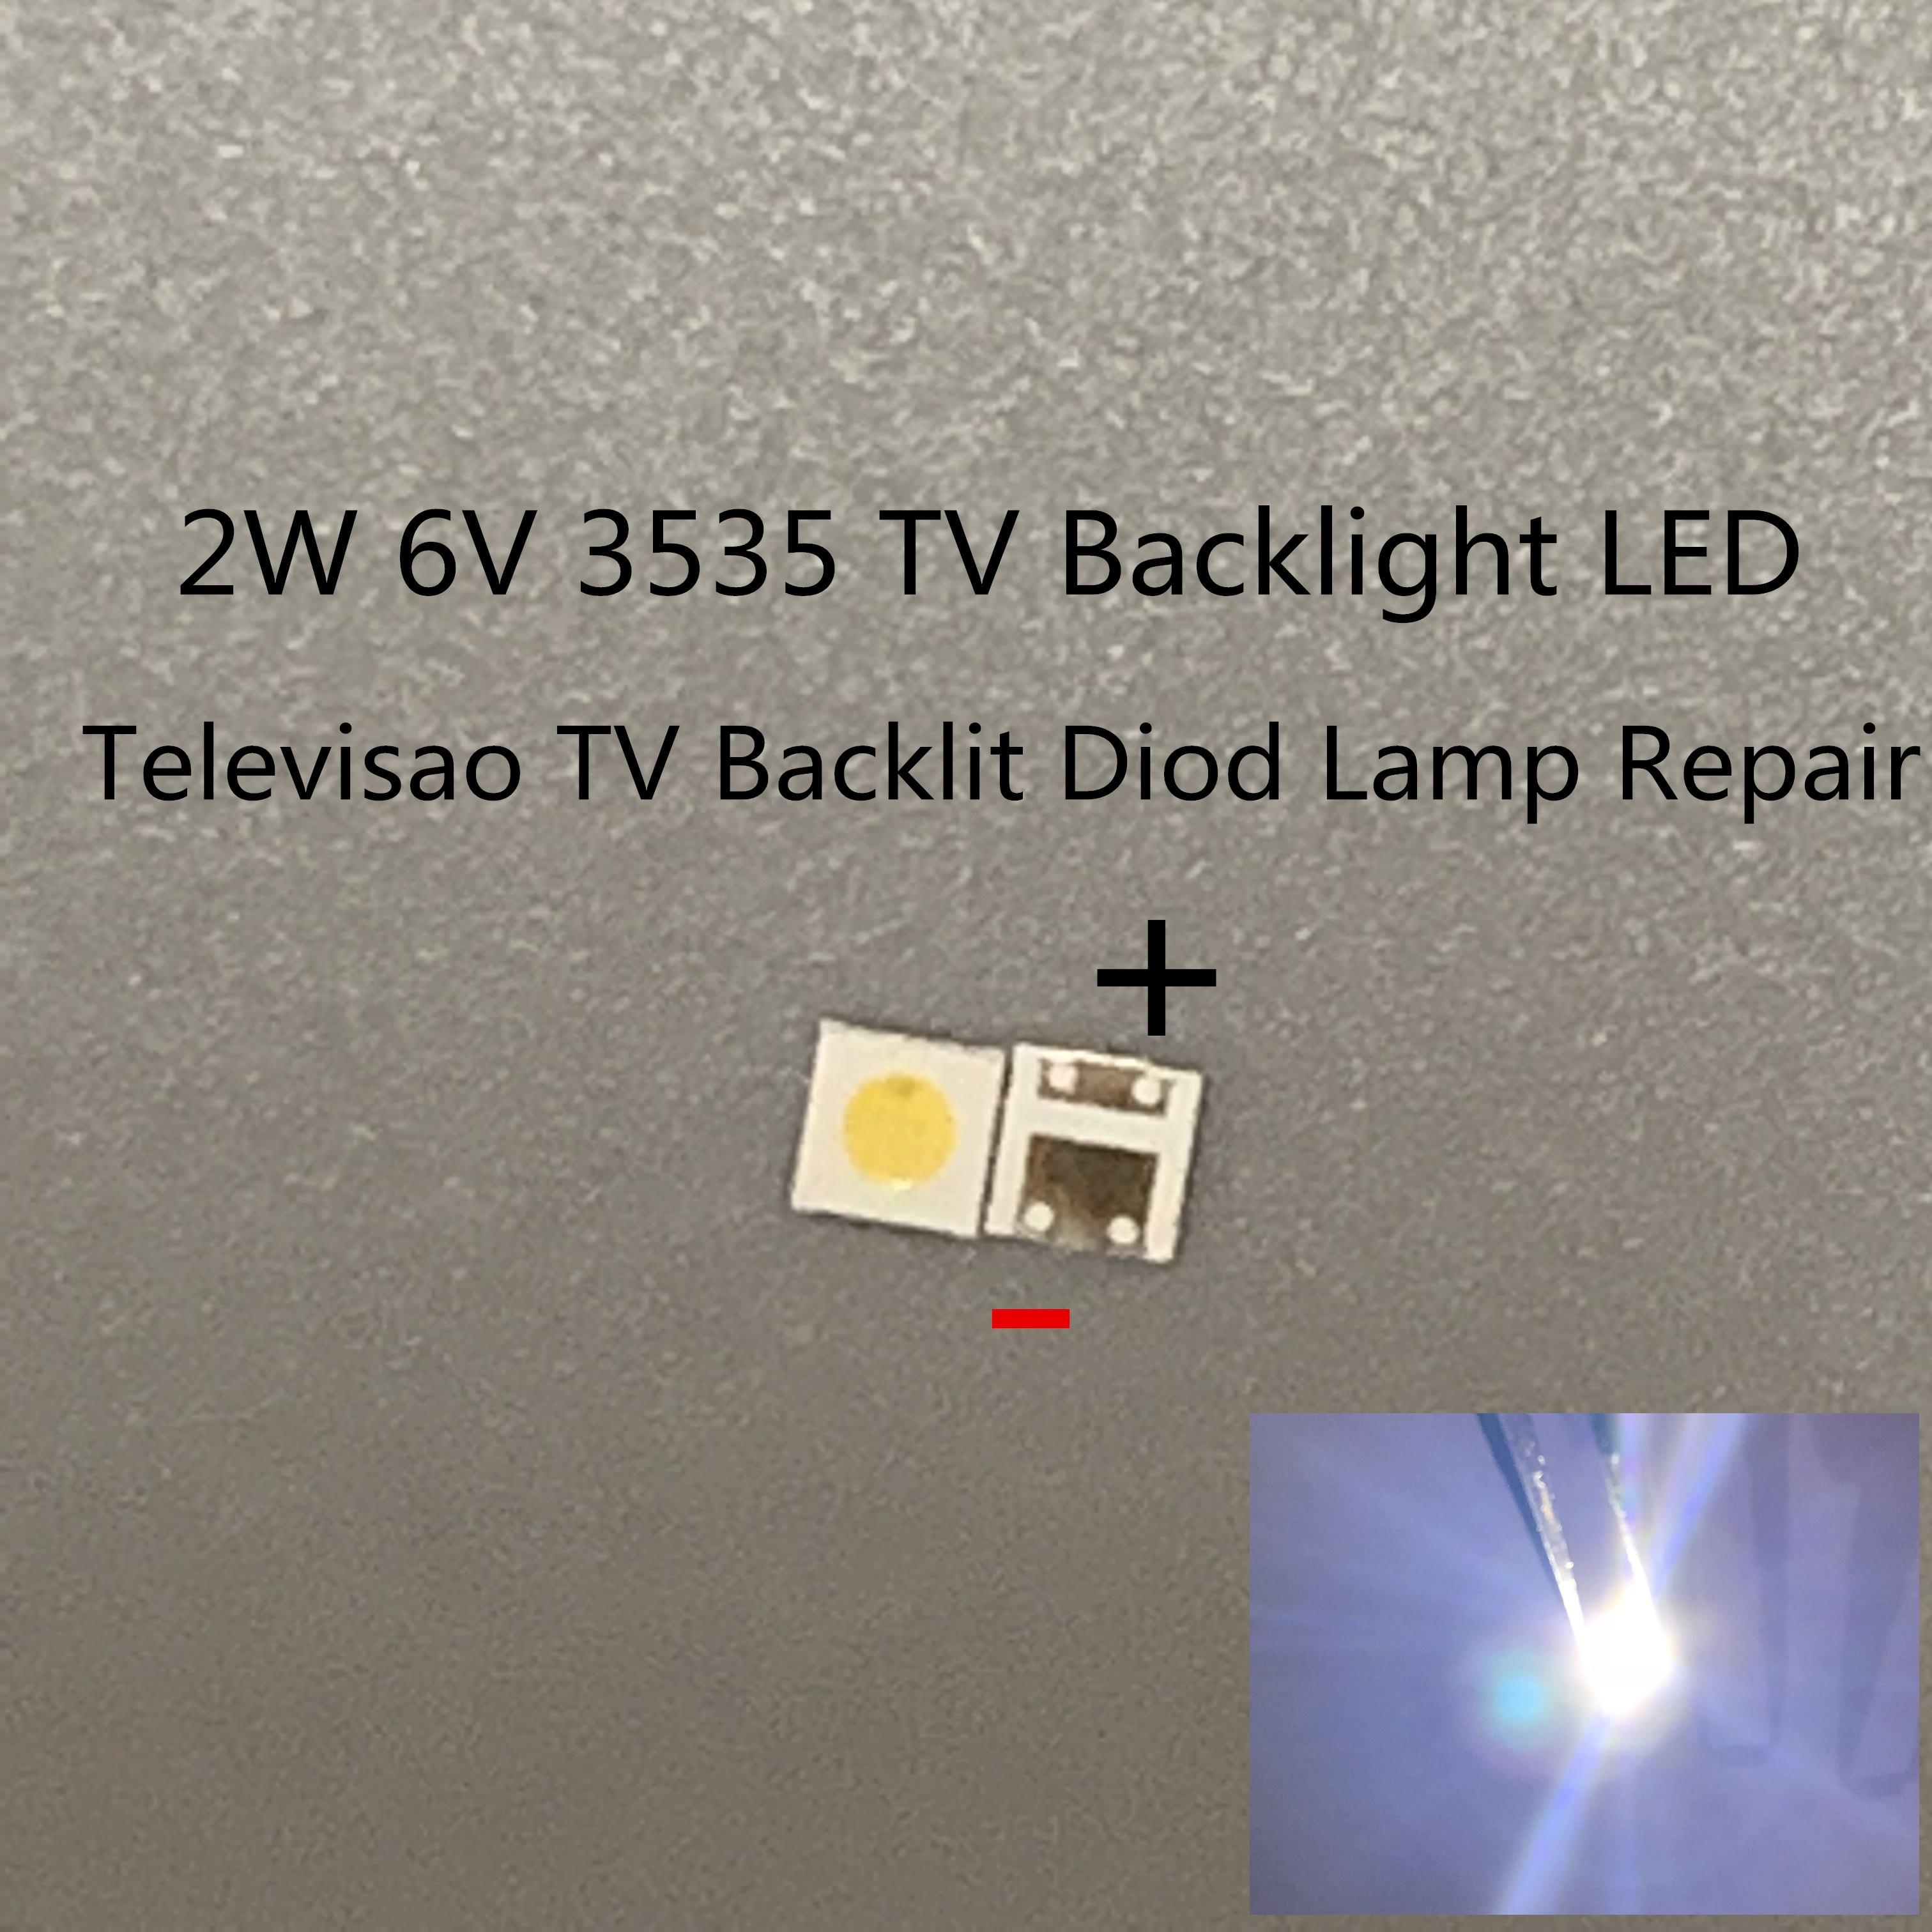 Светодиодный SMD диоды для подсветки телевизора, 1000 шт., 2 Вт, 6 в, 3535, холодный белый ЖК экран, подсветка телевизора, подсветка телевизора, Diod лампа для ремонта|Подвесные лампочки|   | АлиЭкспресс